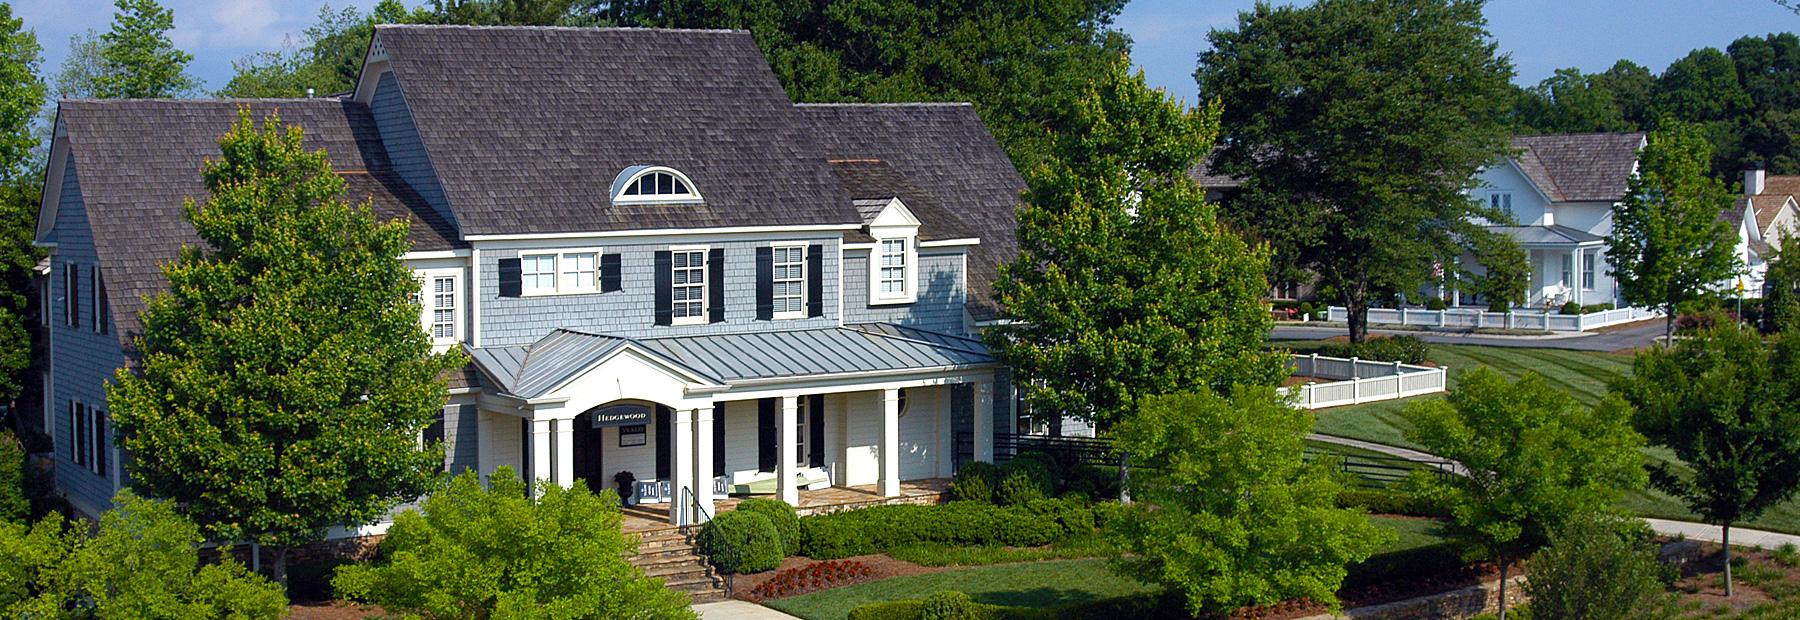 Homes For Sale In Ocean View De